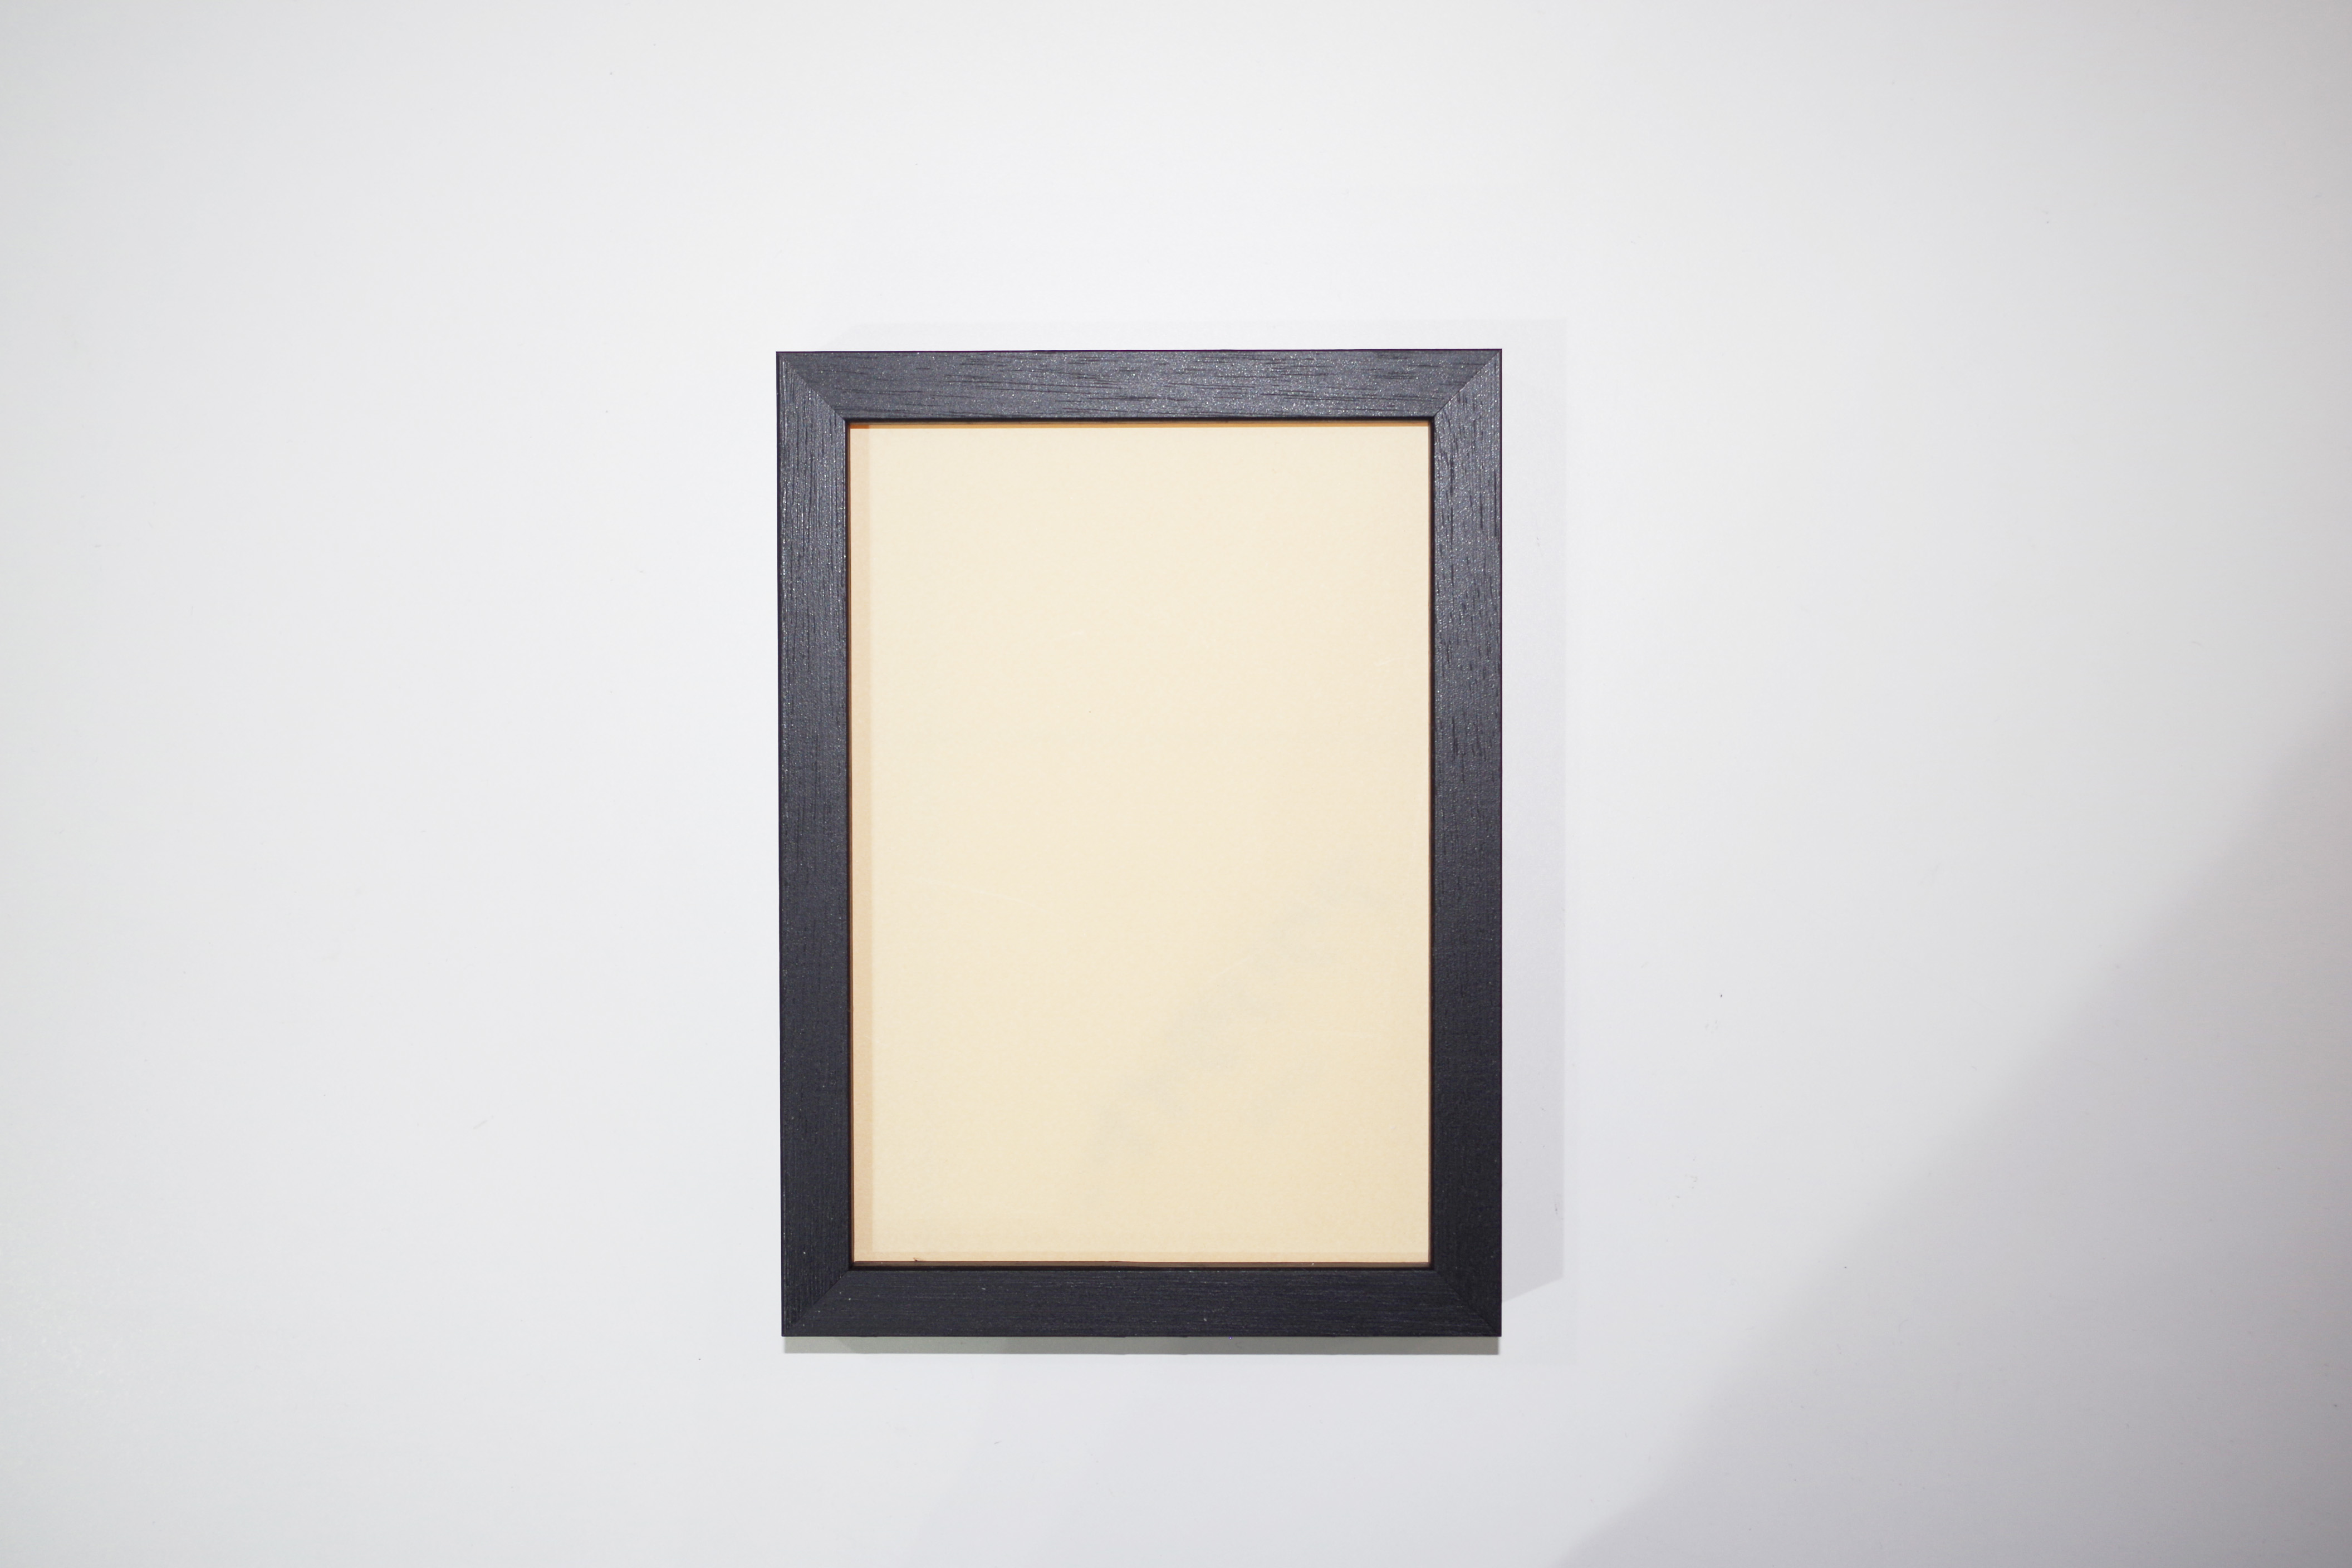 ポストカードフレームの実物の写真